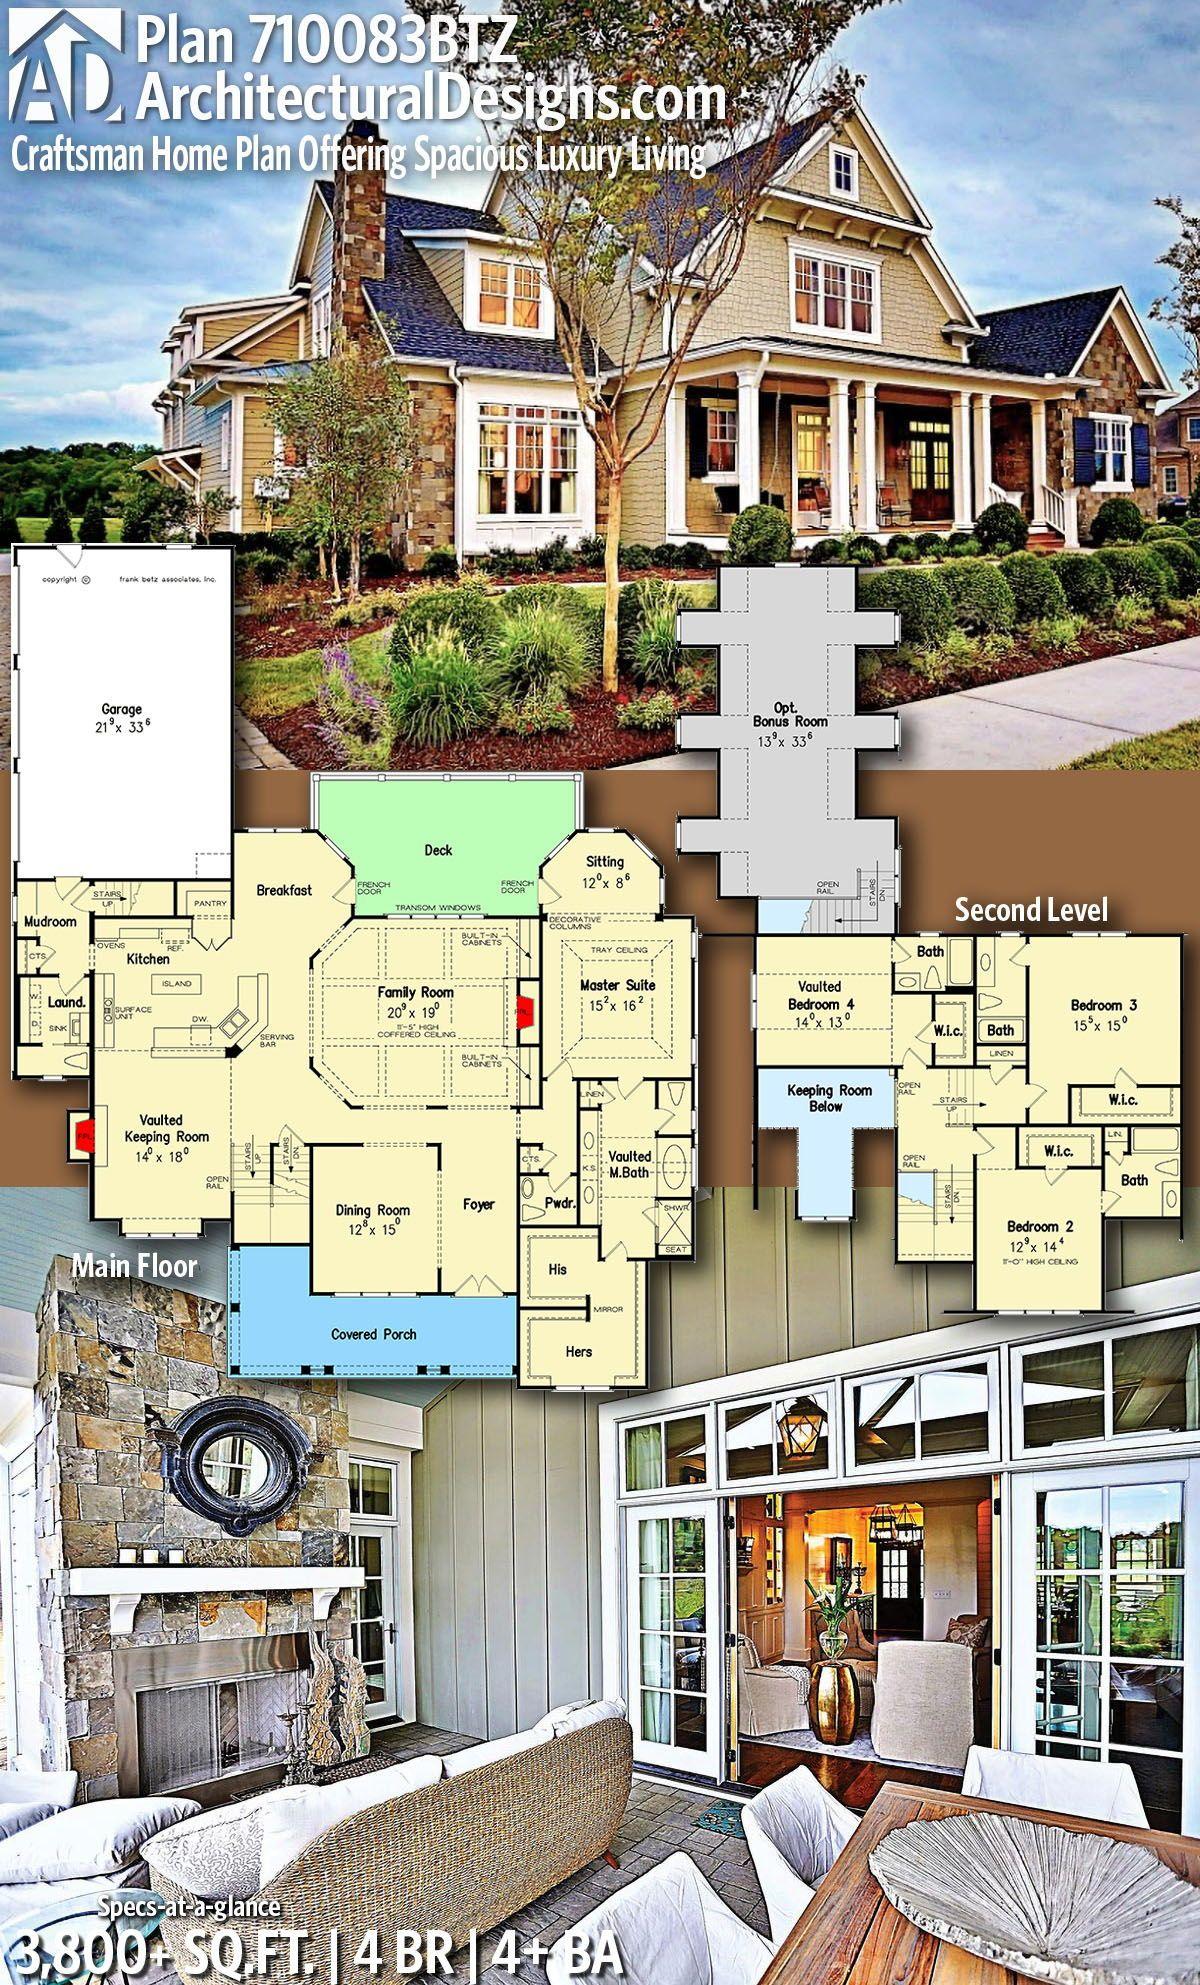 Plan 710083BTZ: Craftsman Home Plan Offering Spaci